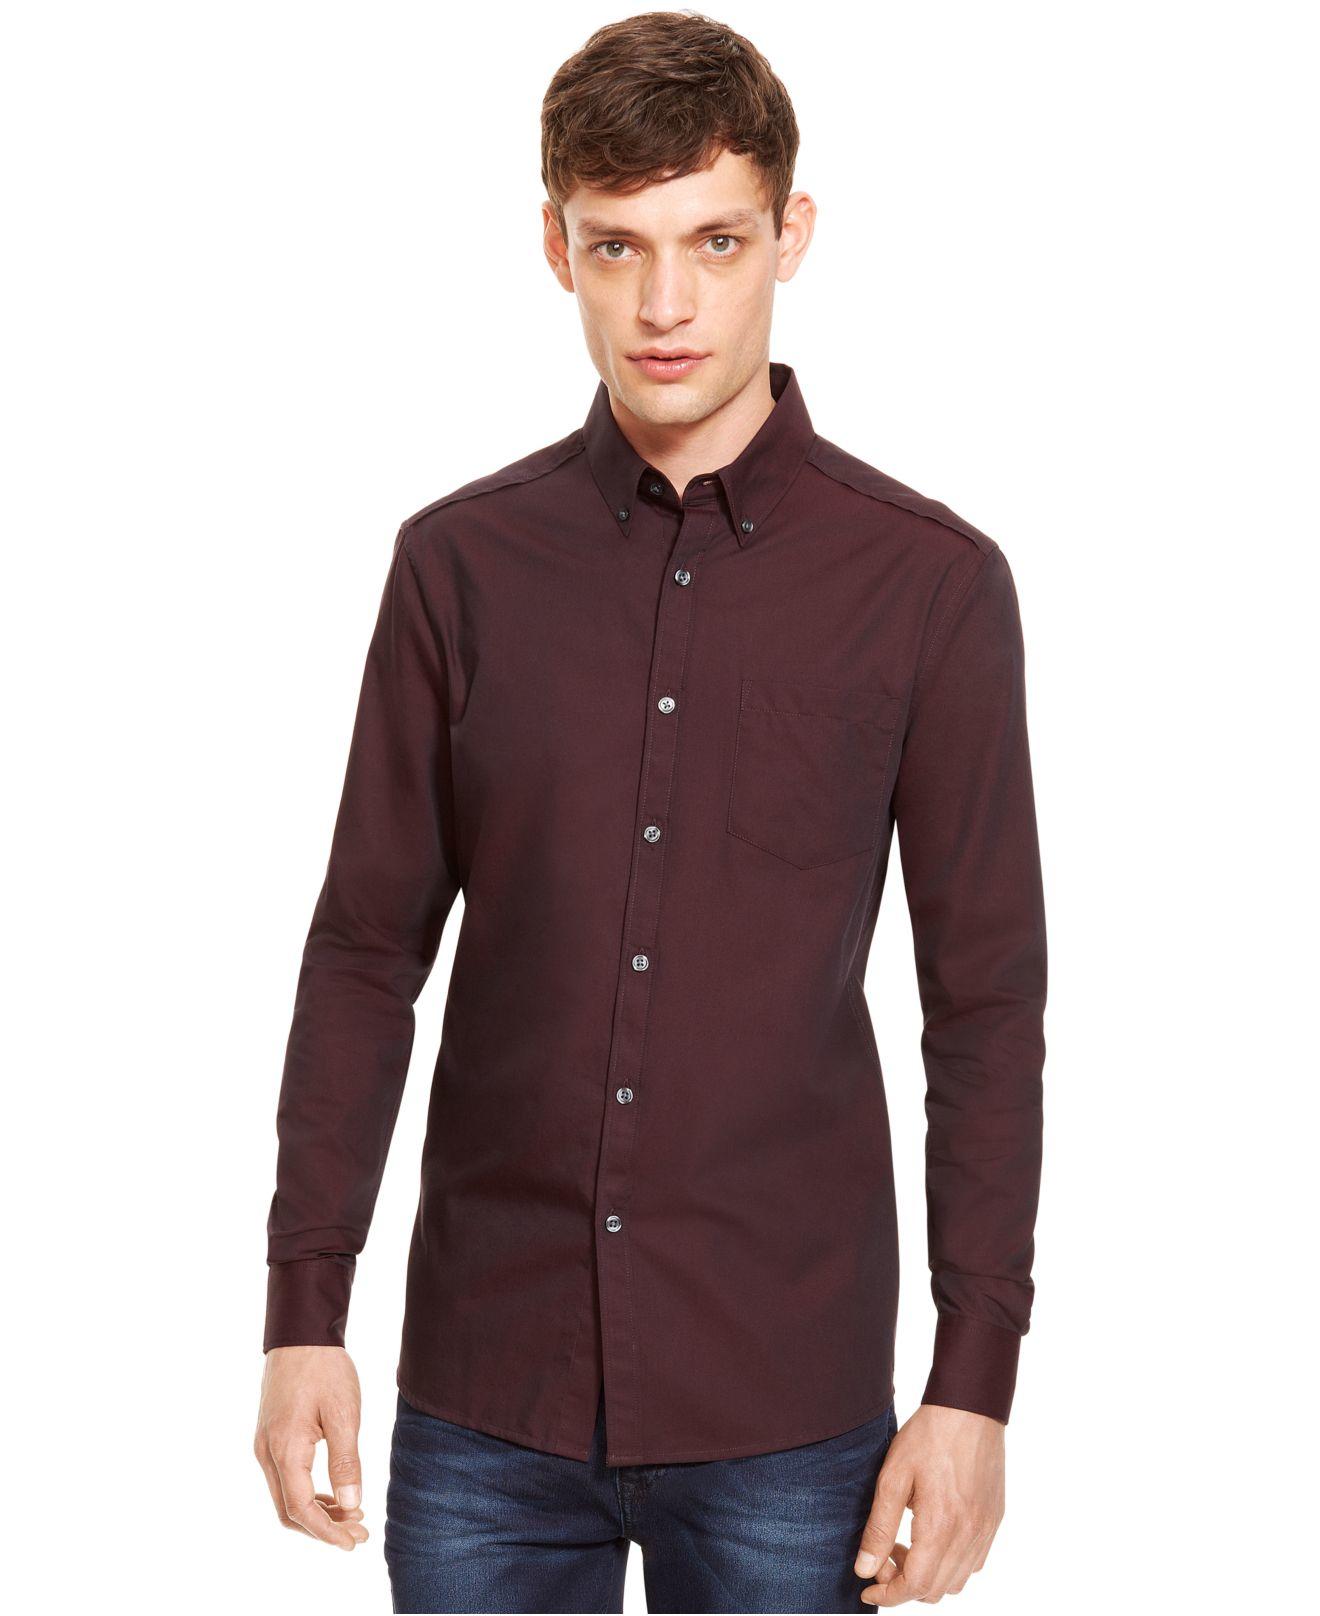 Watch more like Purple Button Down Shirt Men